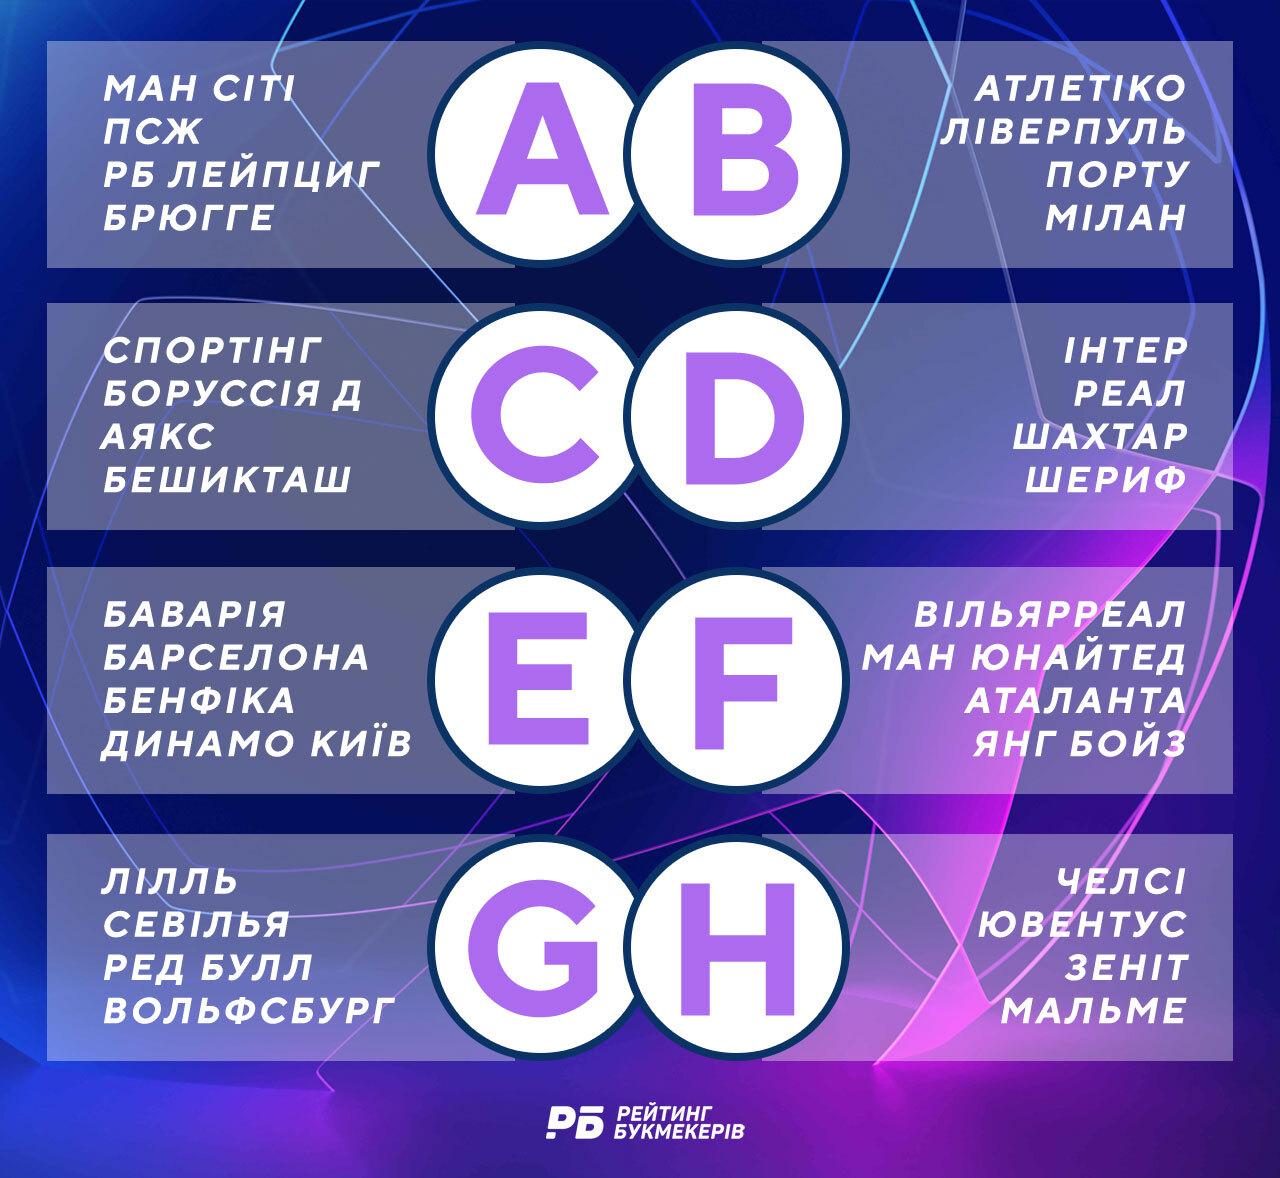 Груповий етап Ліги чемпіонів: турнірна таблиця